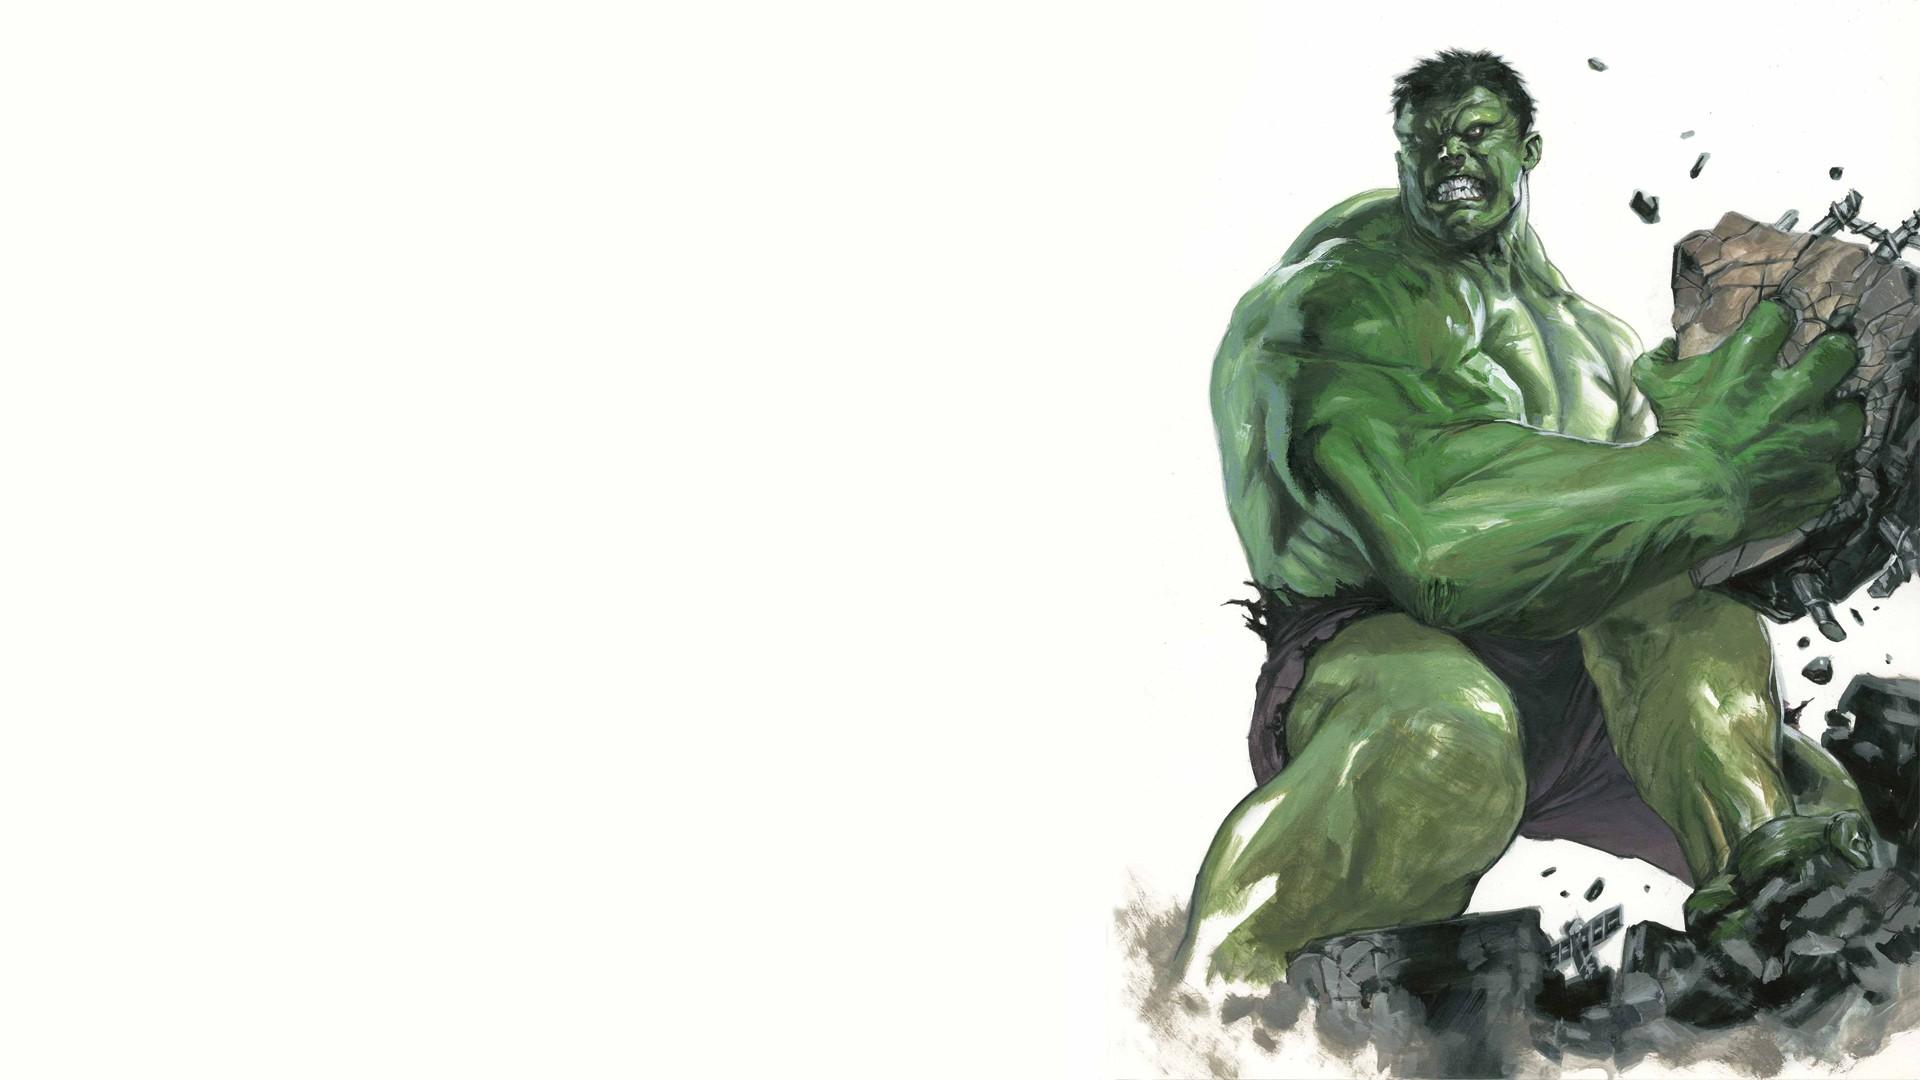 The Hulk Wallpaper 1920x1080